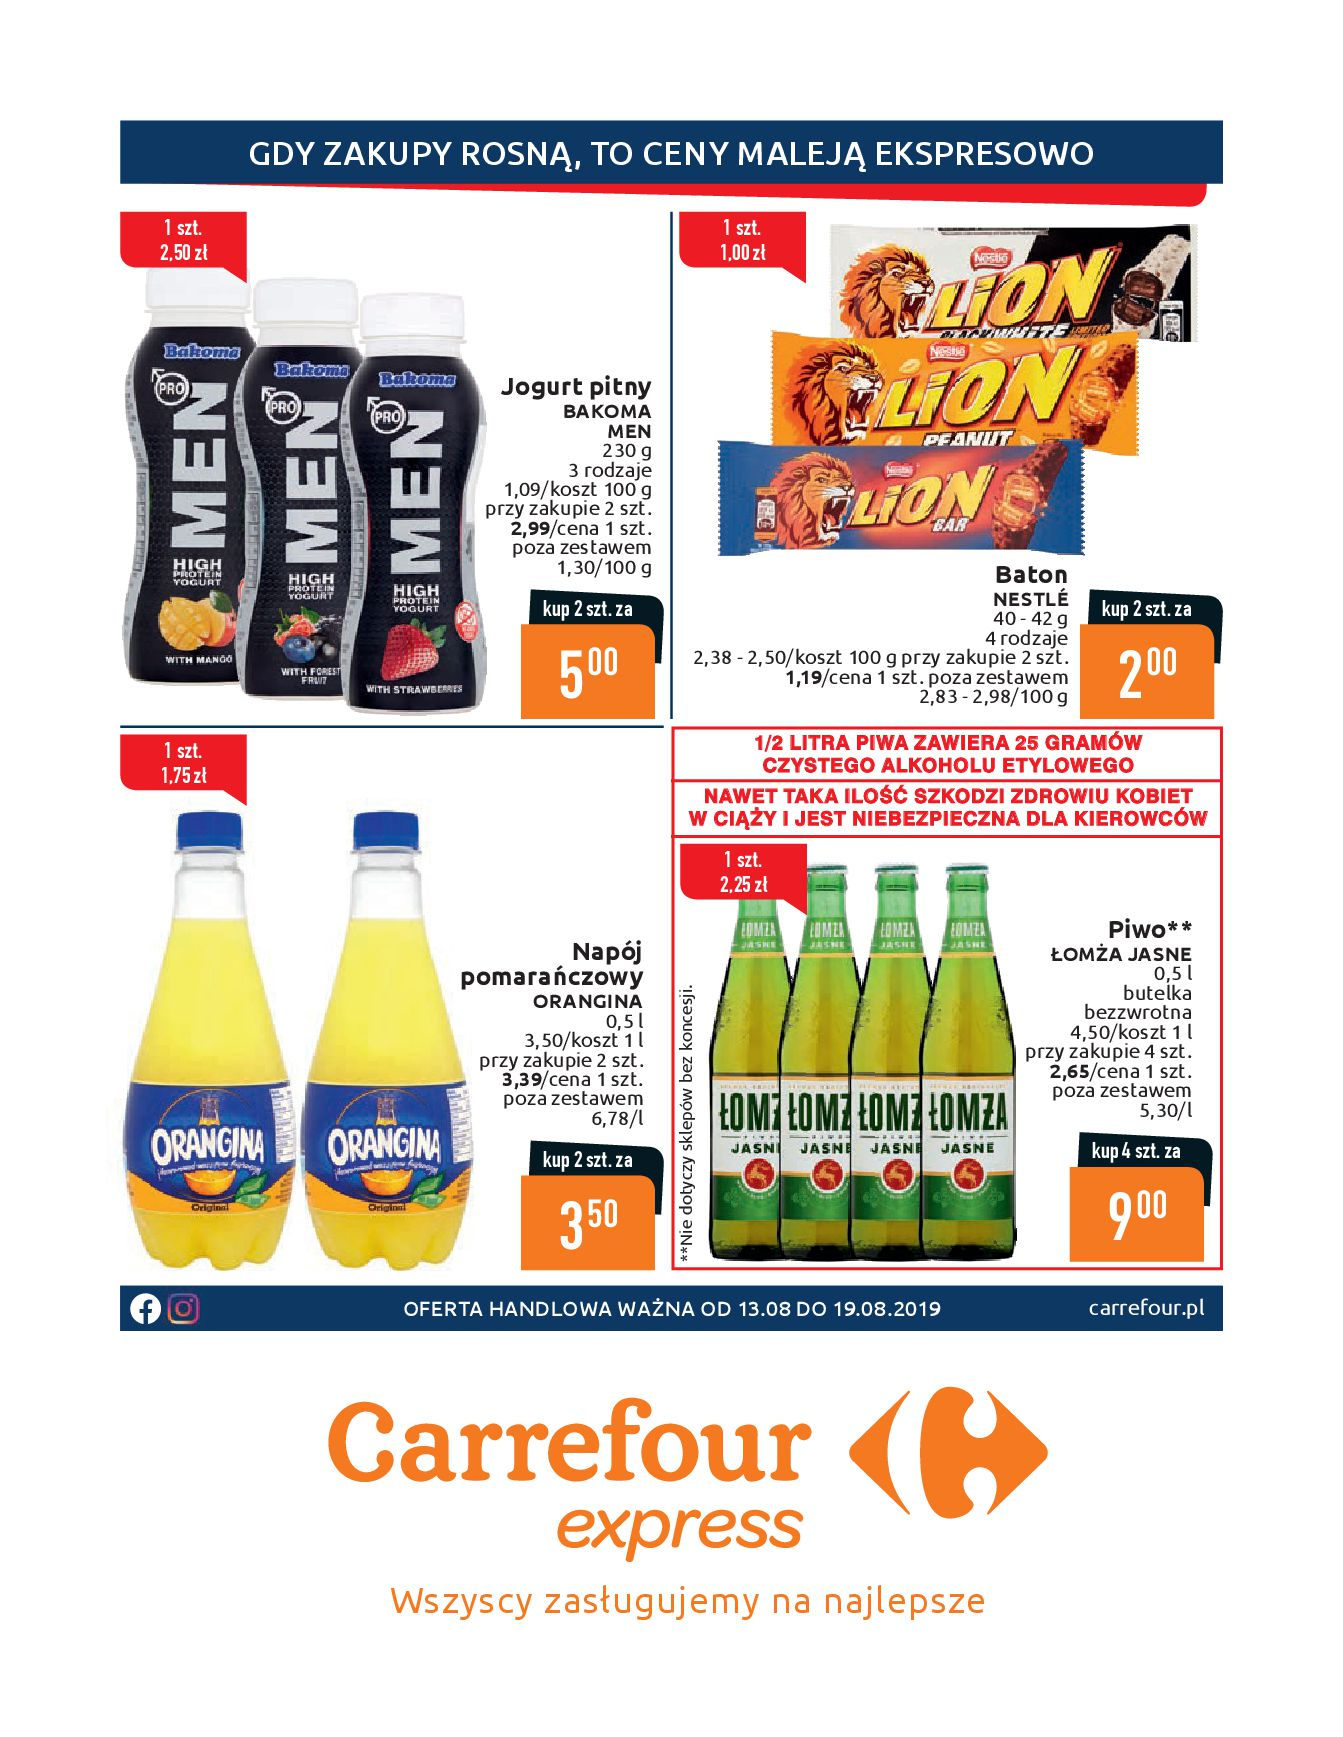 Gazetka Carrefour Express - Gdy zakupy rosną, to ceny maleją ekspresowo-12.08.2019-19.08.2019-page-1